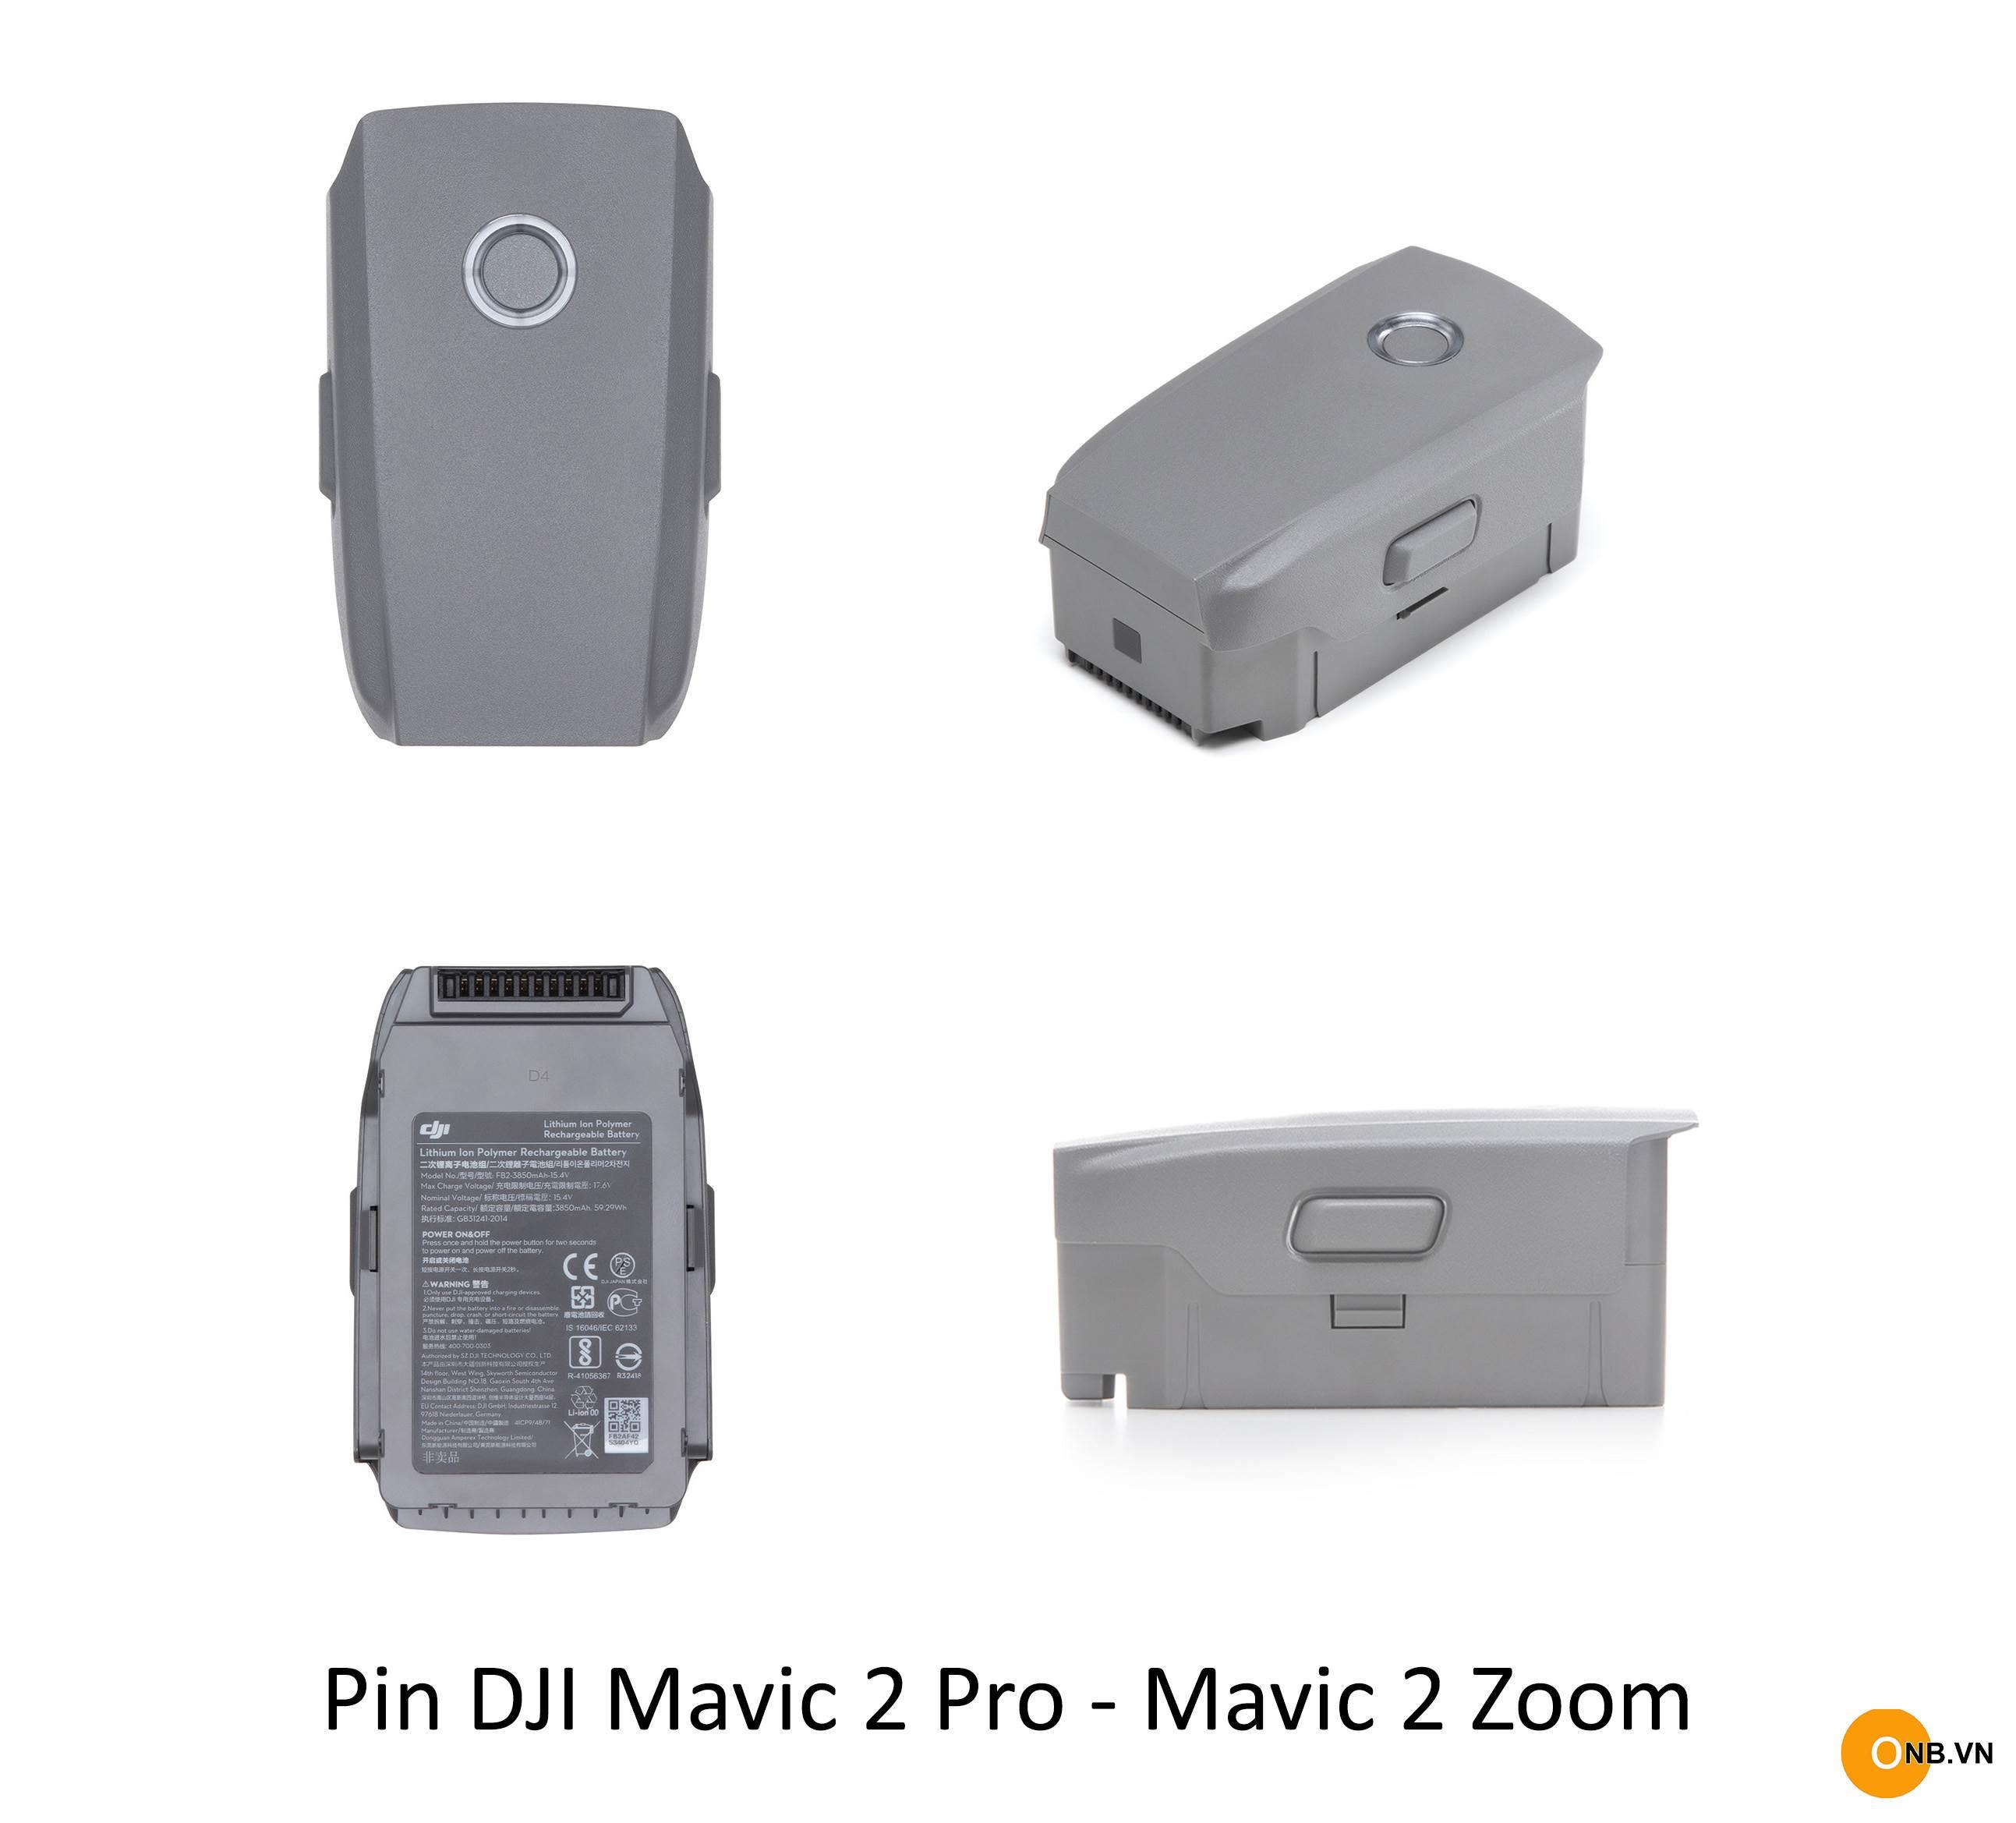 Mavic 2 Pro - 2 Zoom Battery - Pin chính hãng DJI